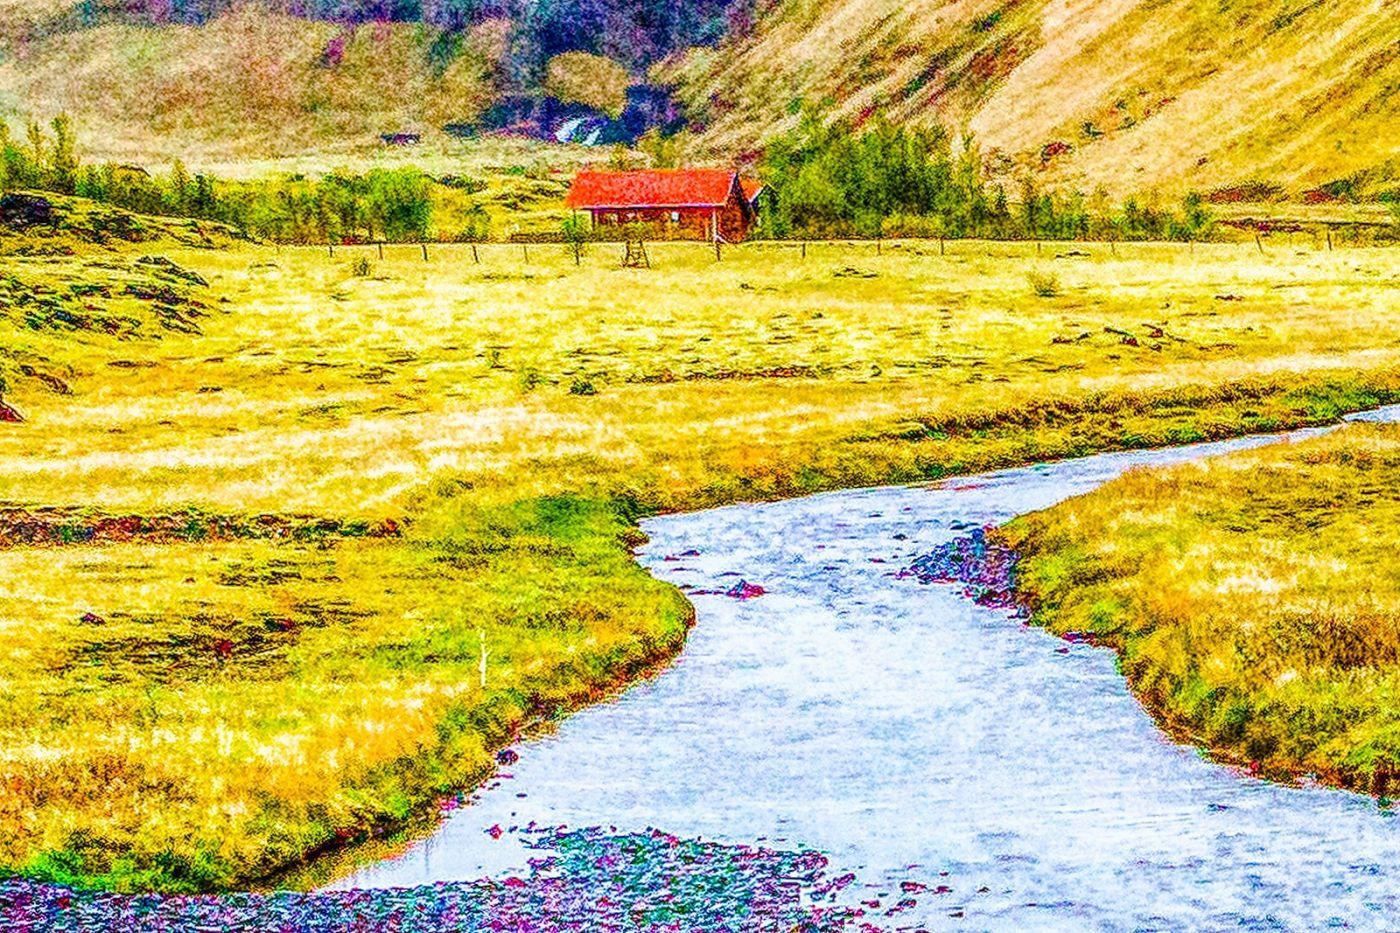 冰岛风采,延伸视野_图1-12